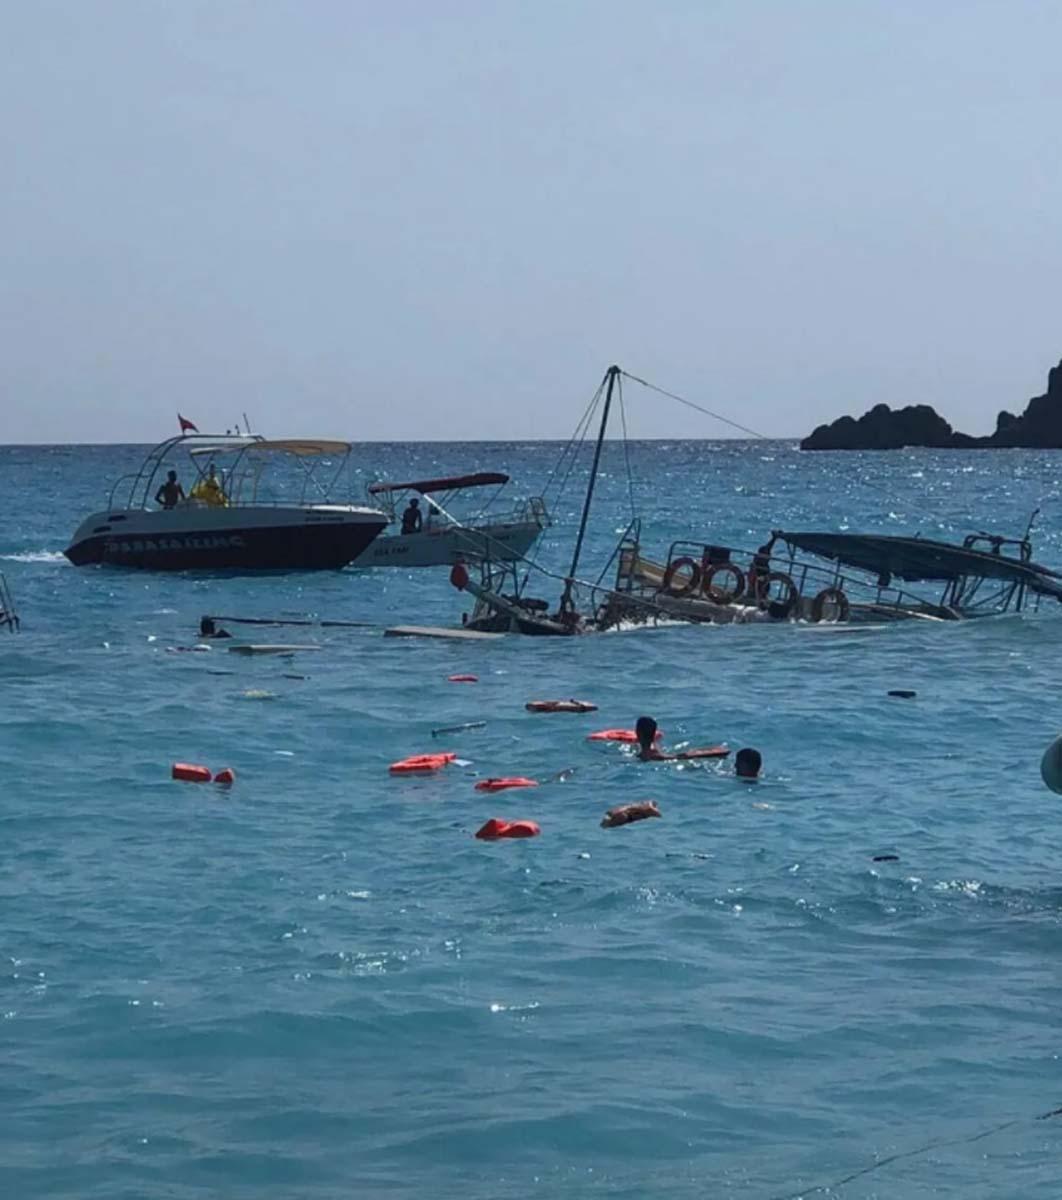 Son dakika  İçinde 38 kişi vardı! Muğla Fethiye'de tur teknesi battı: 3 yaralı